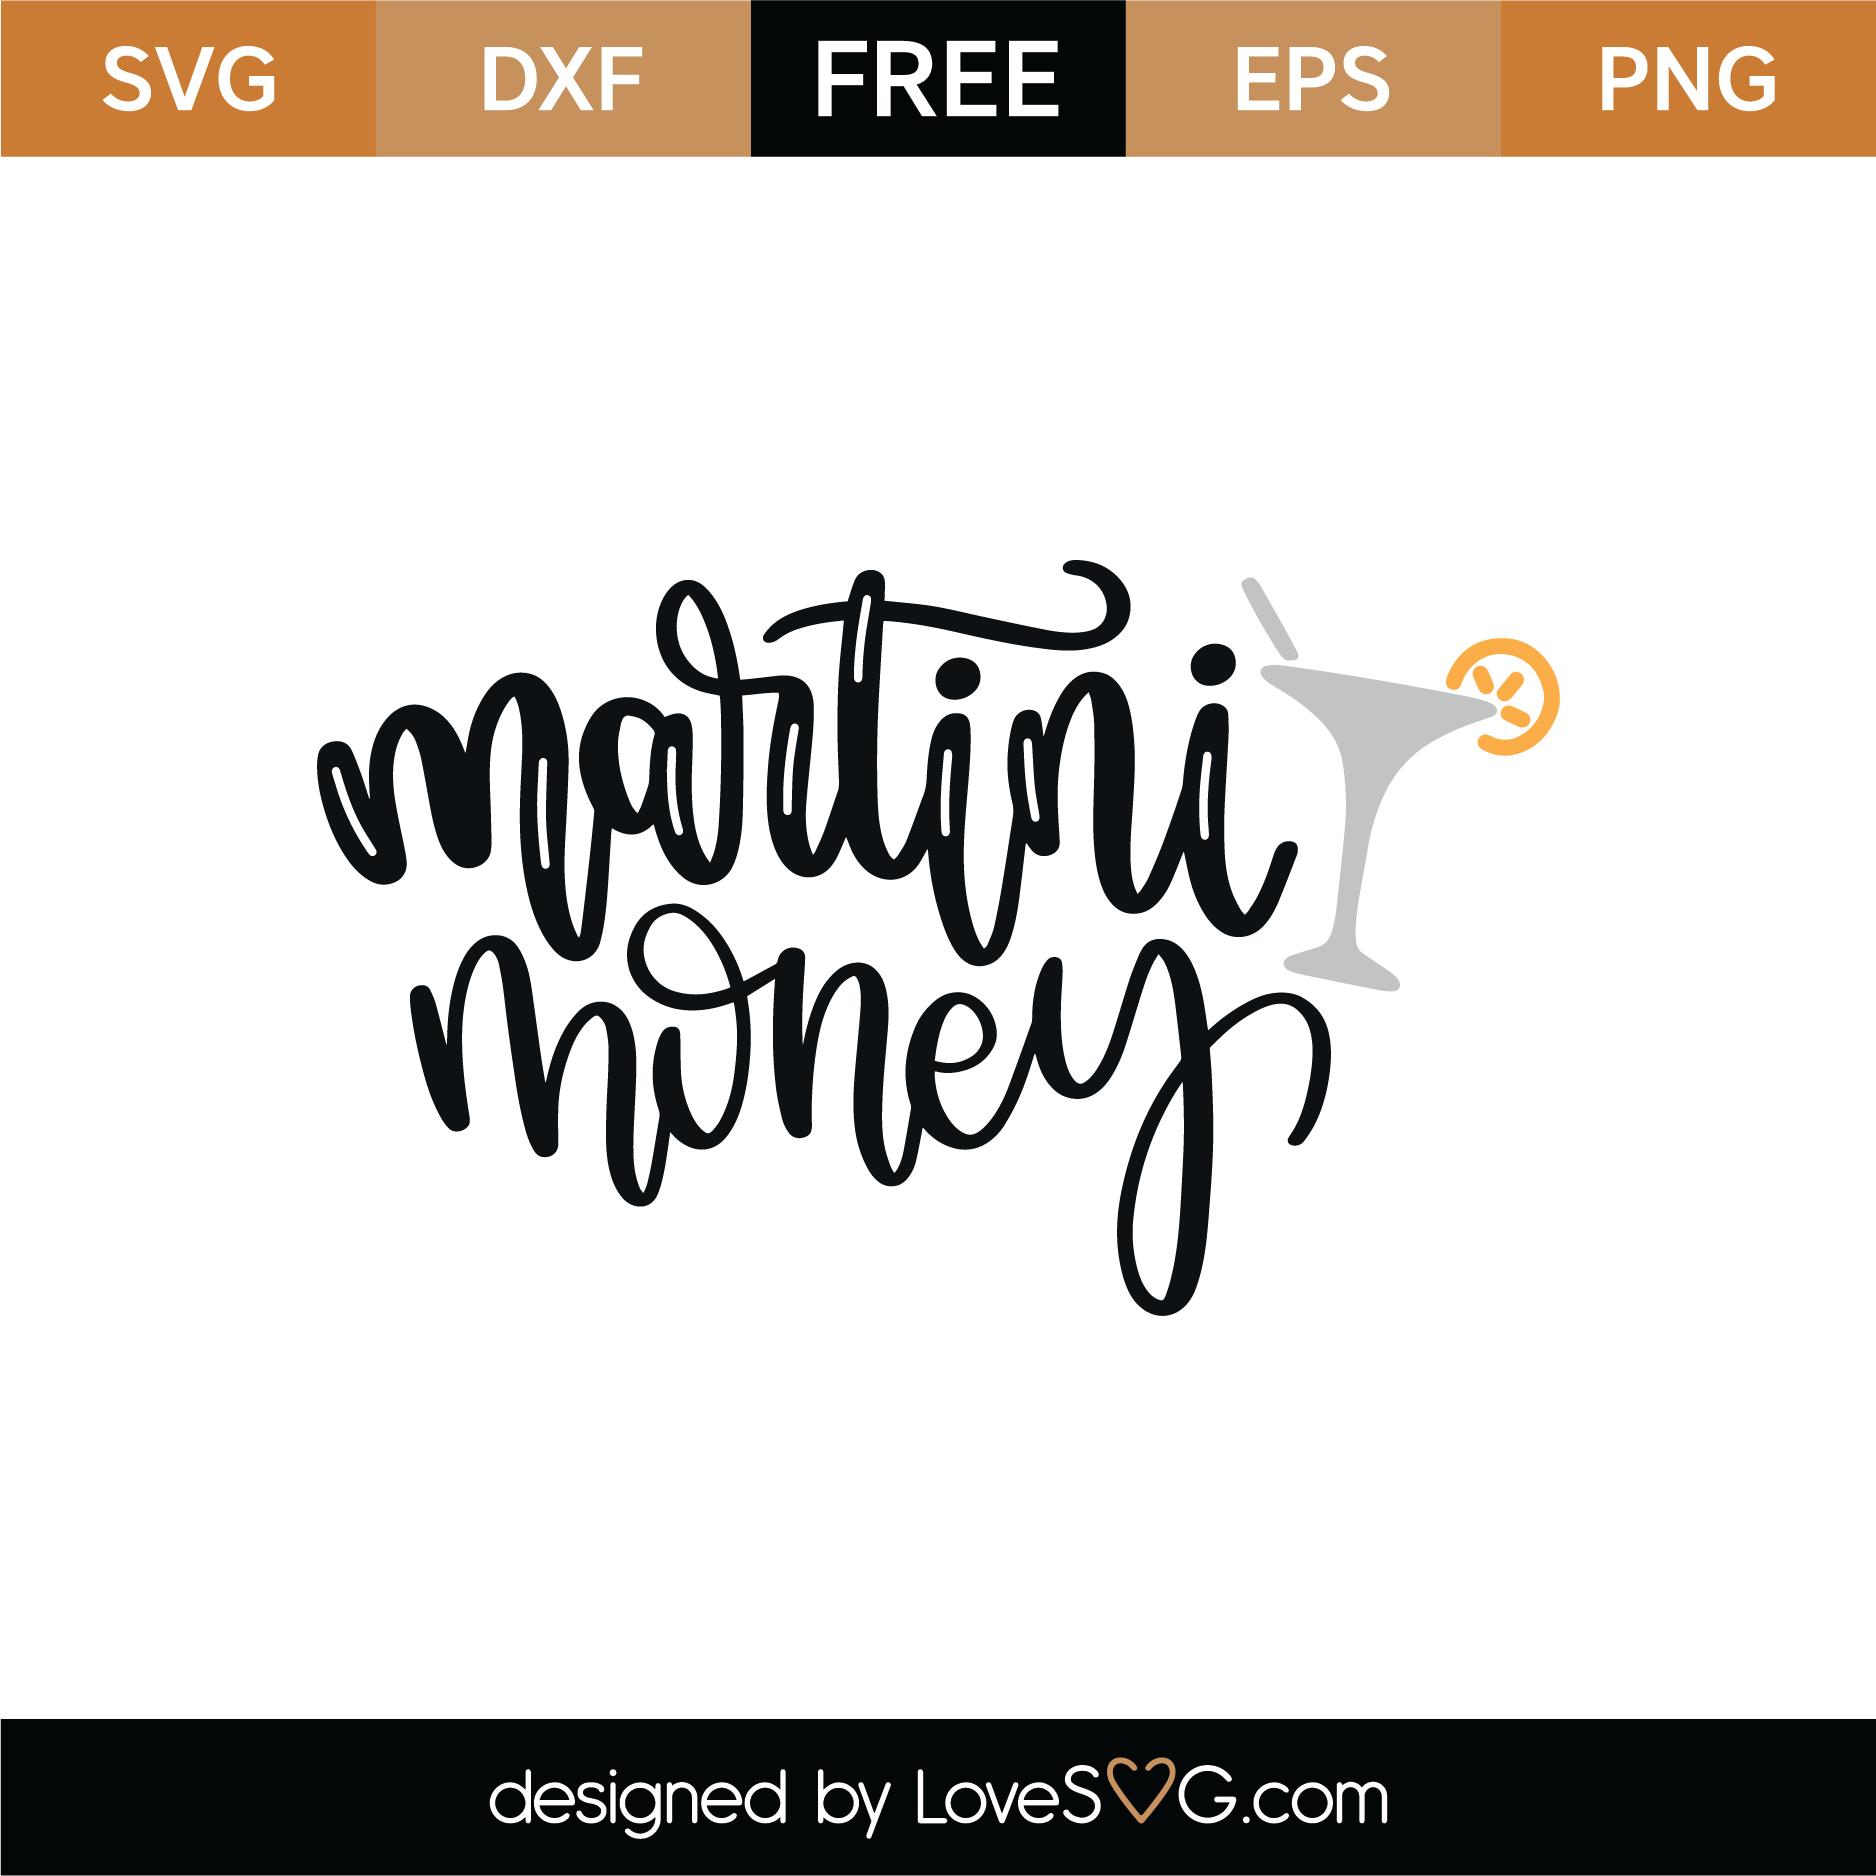 Download Free Martini Money SVG Cut File   Lovesvg.com